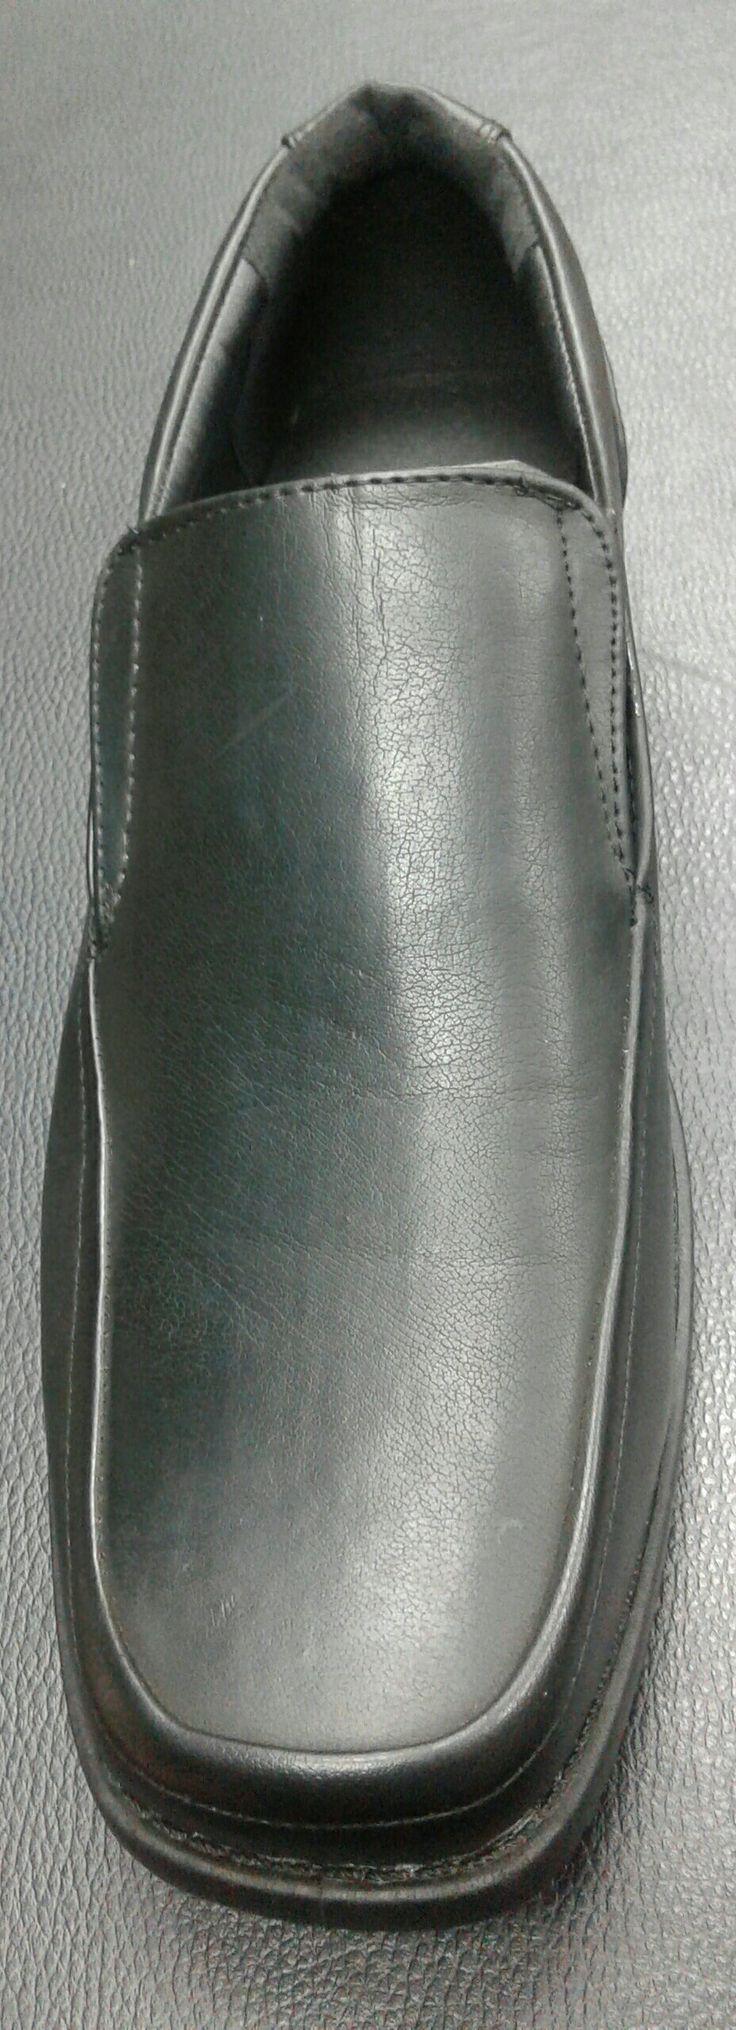 Tallas 40 al 44 Precio: $ 25000 Material: cuero sintético Contacto: +56967605480